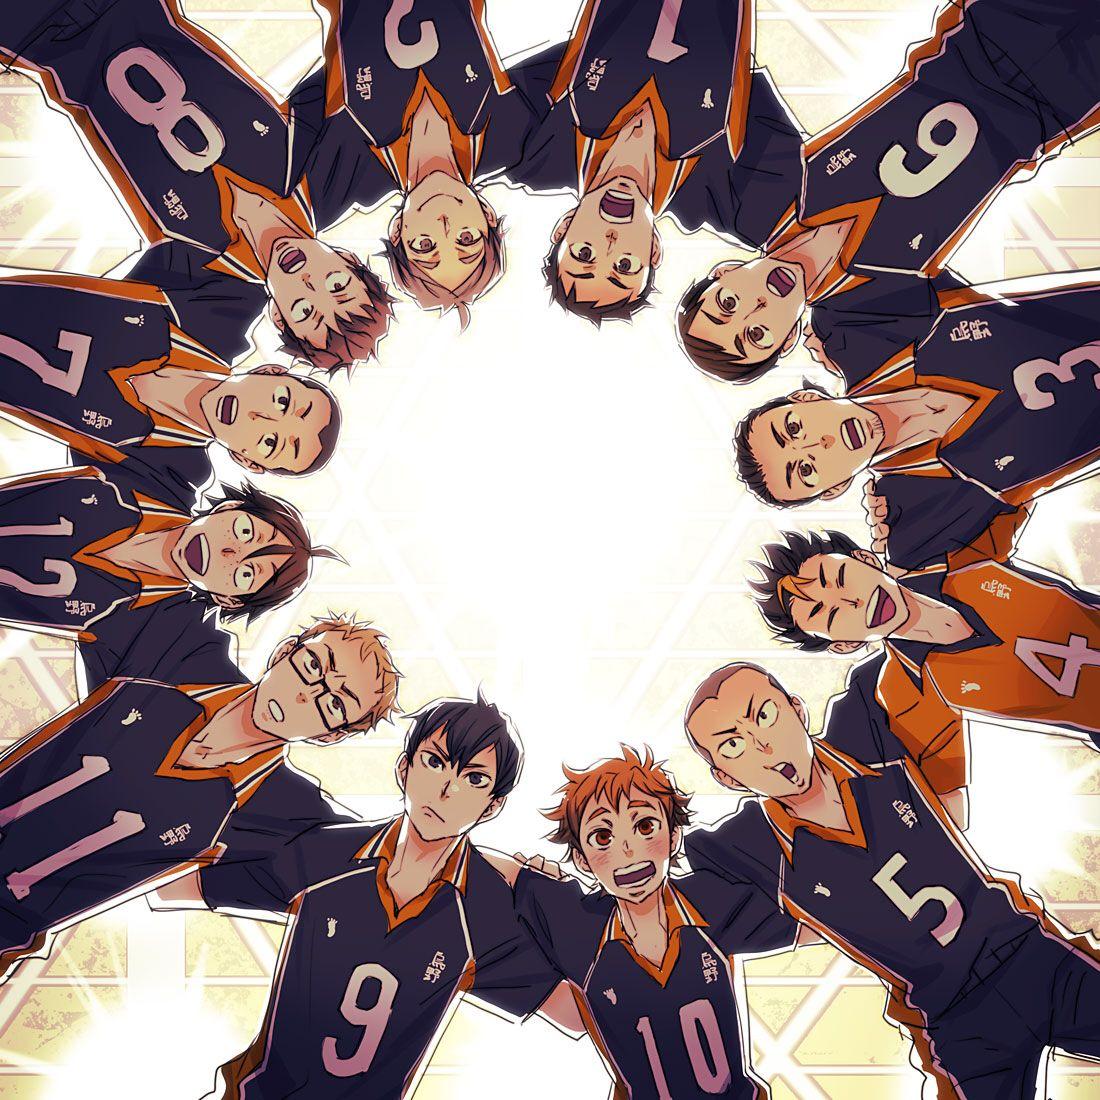 The Team Haikyuu Karasuno Haikyuu Anime Haikyuu